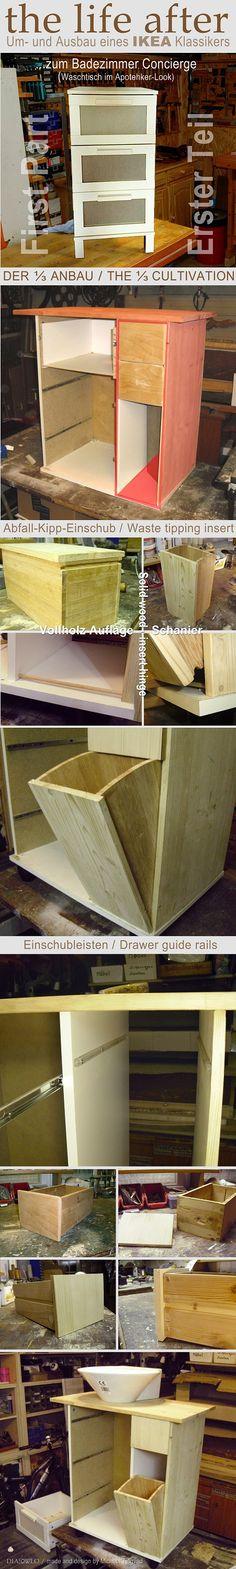 Tresen mit Glasvetrine für kleine Kuechen Manche Möbel \ - badezimmer selber bauen